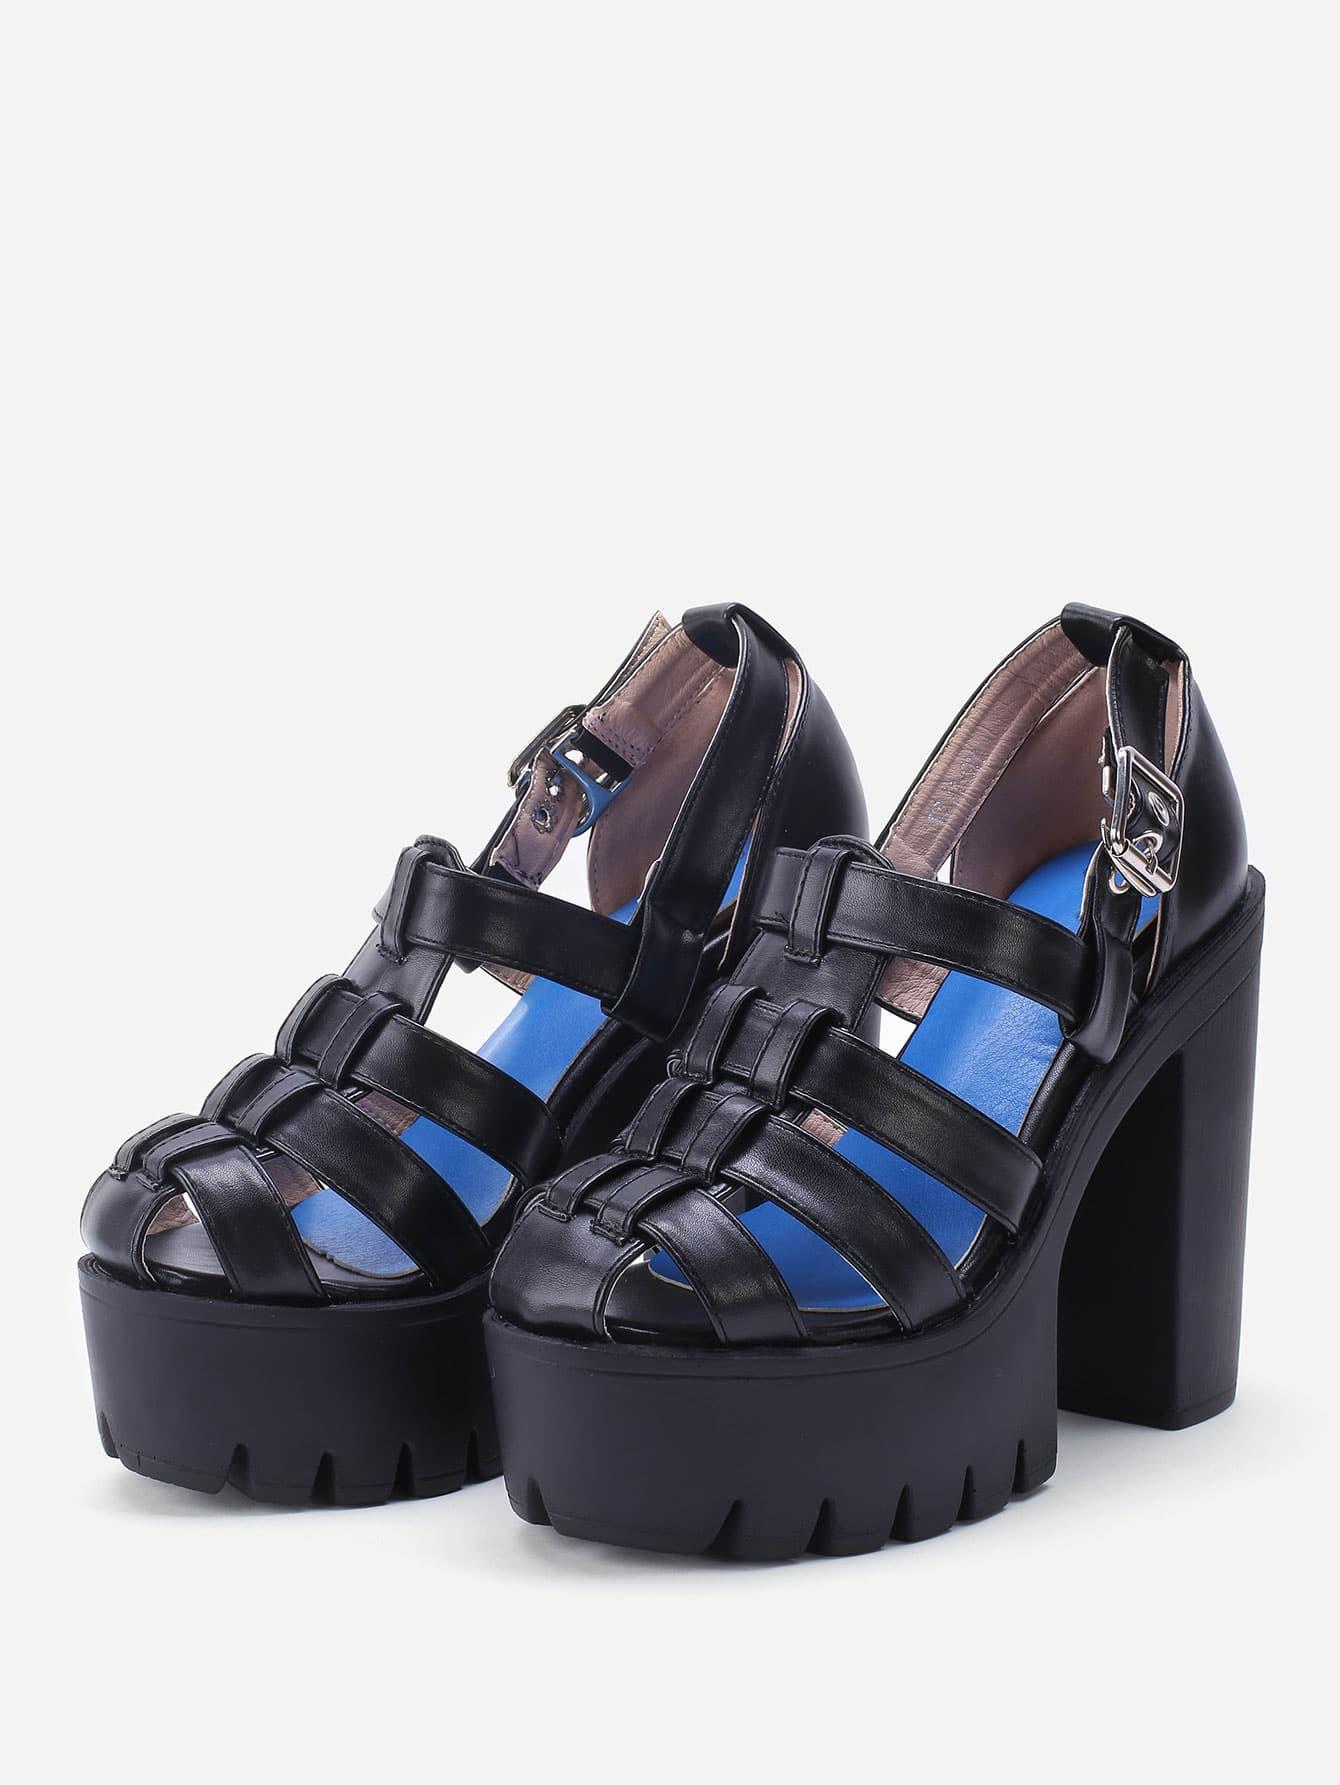 shoes170228804_2